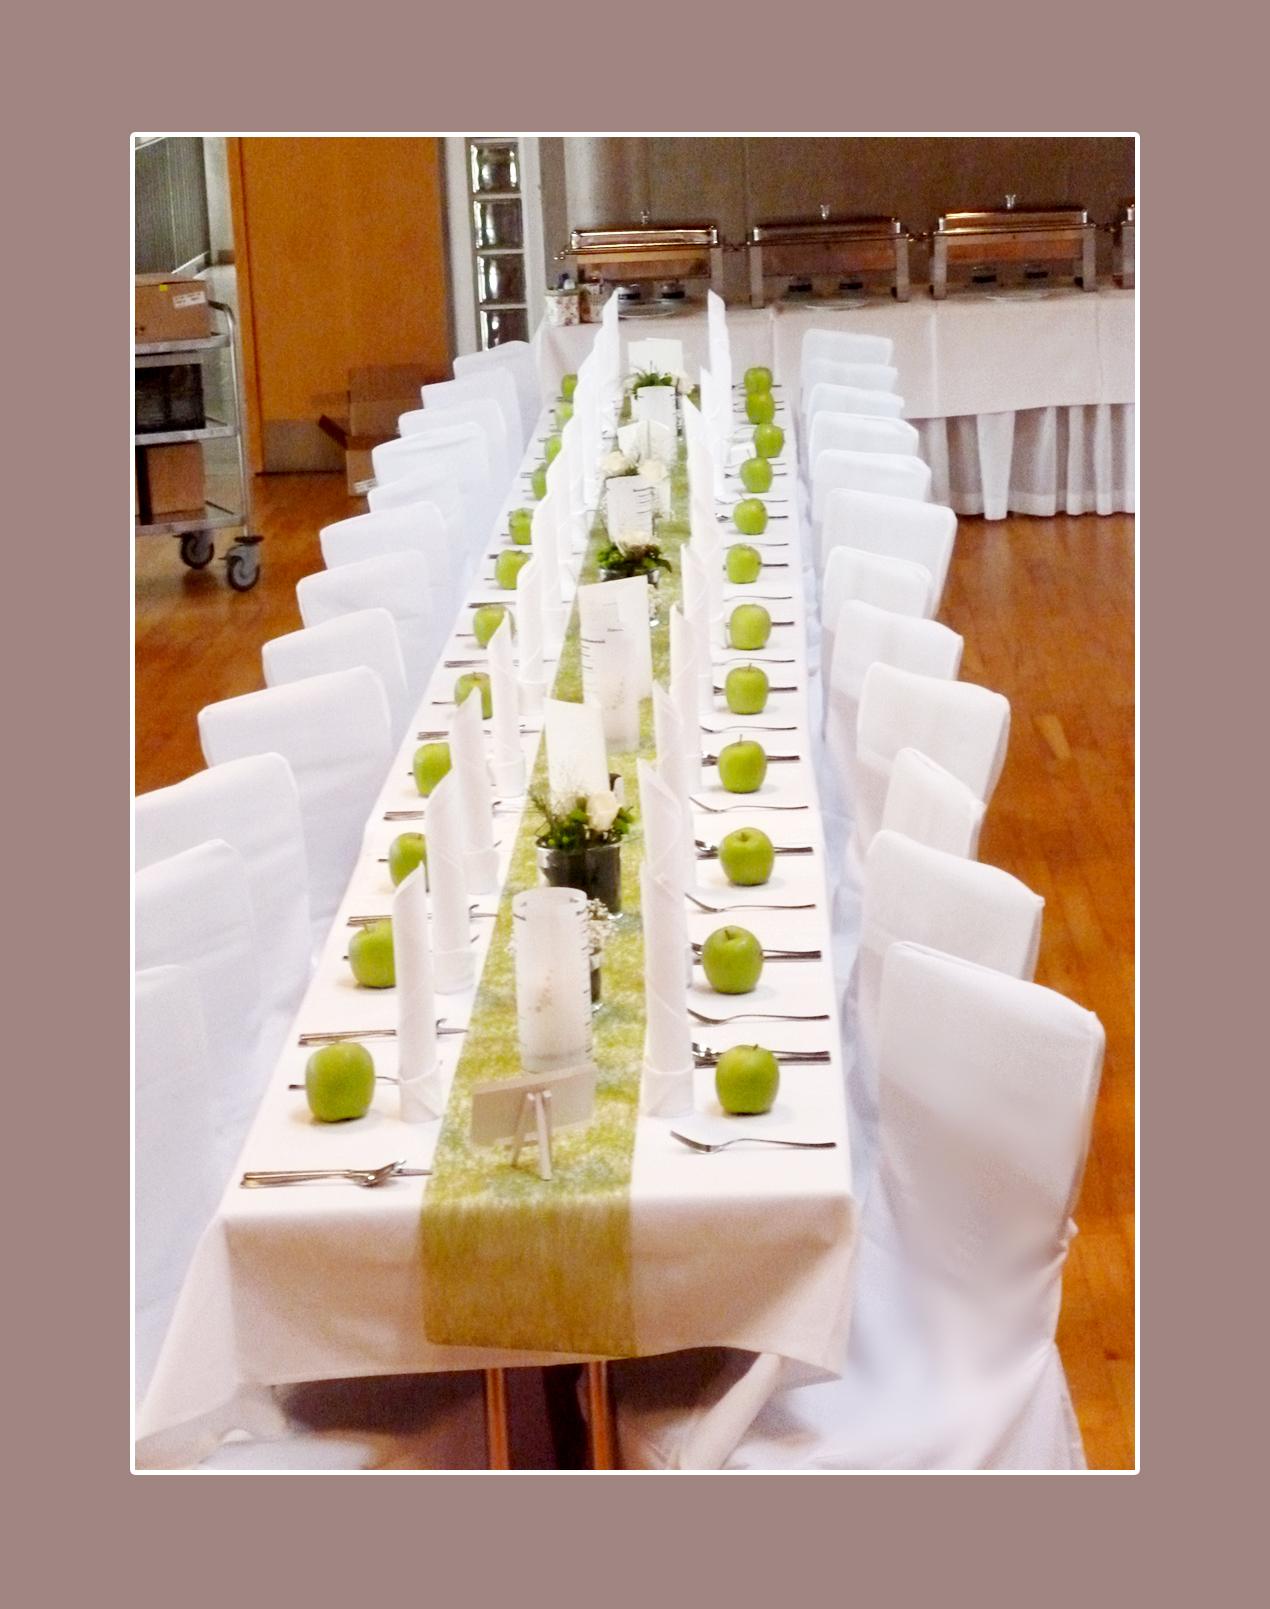 Hochzeitsdeko mit grünen Äpfeln und Stuhlhussen Variante 4